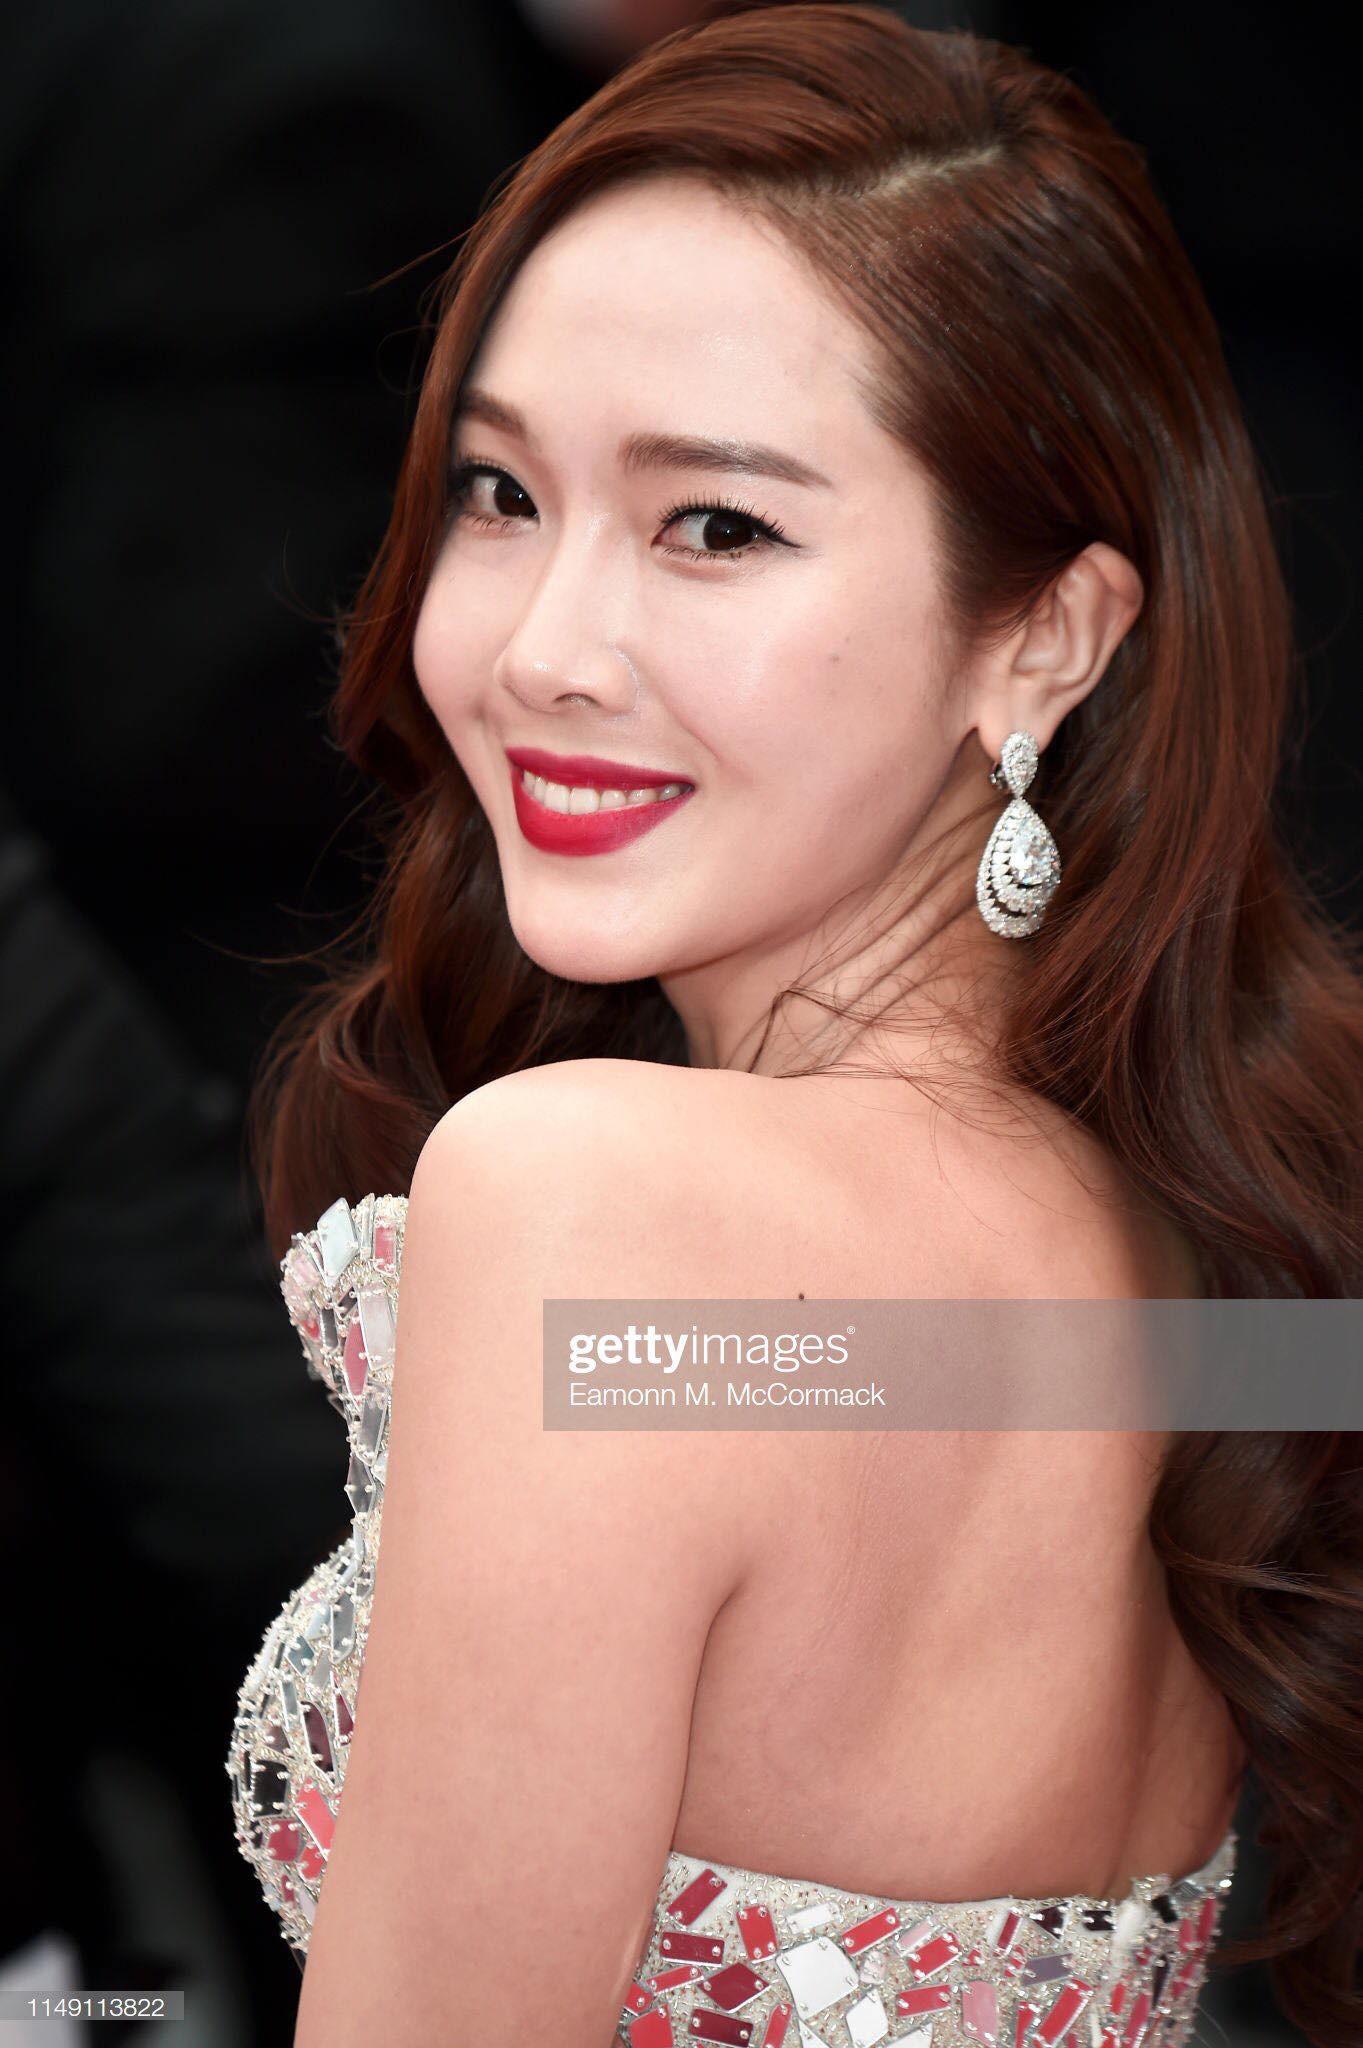 Đẹp đỉnh cao tại Cannes, nữ hoàng băng giá Jessica lại bị nhiếp ảnh gia quốc tế bóc mẽ nhan sắc quá chân thực - Ảnh 11.